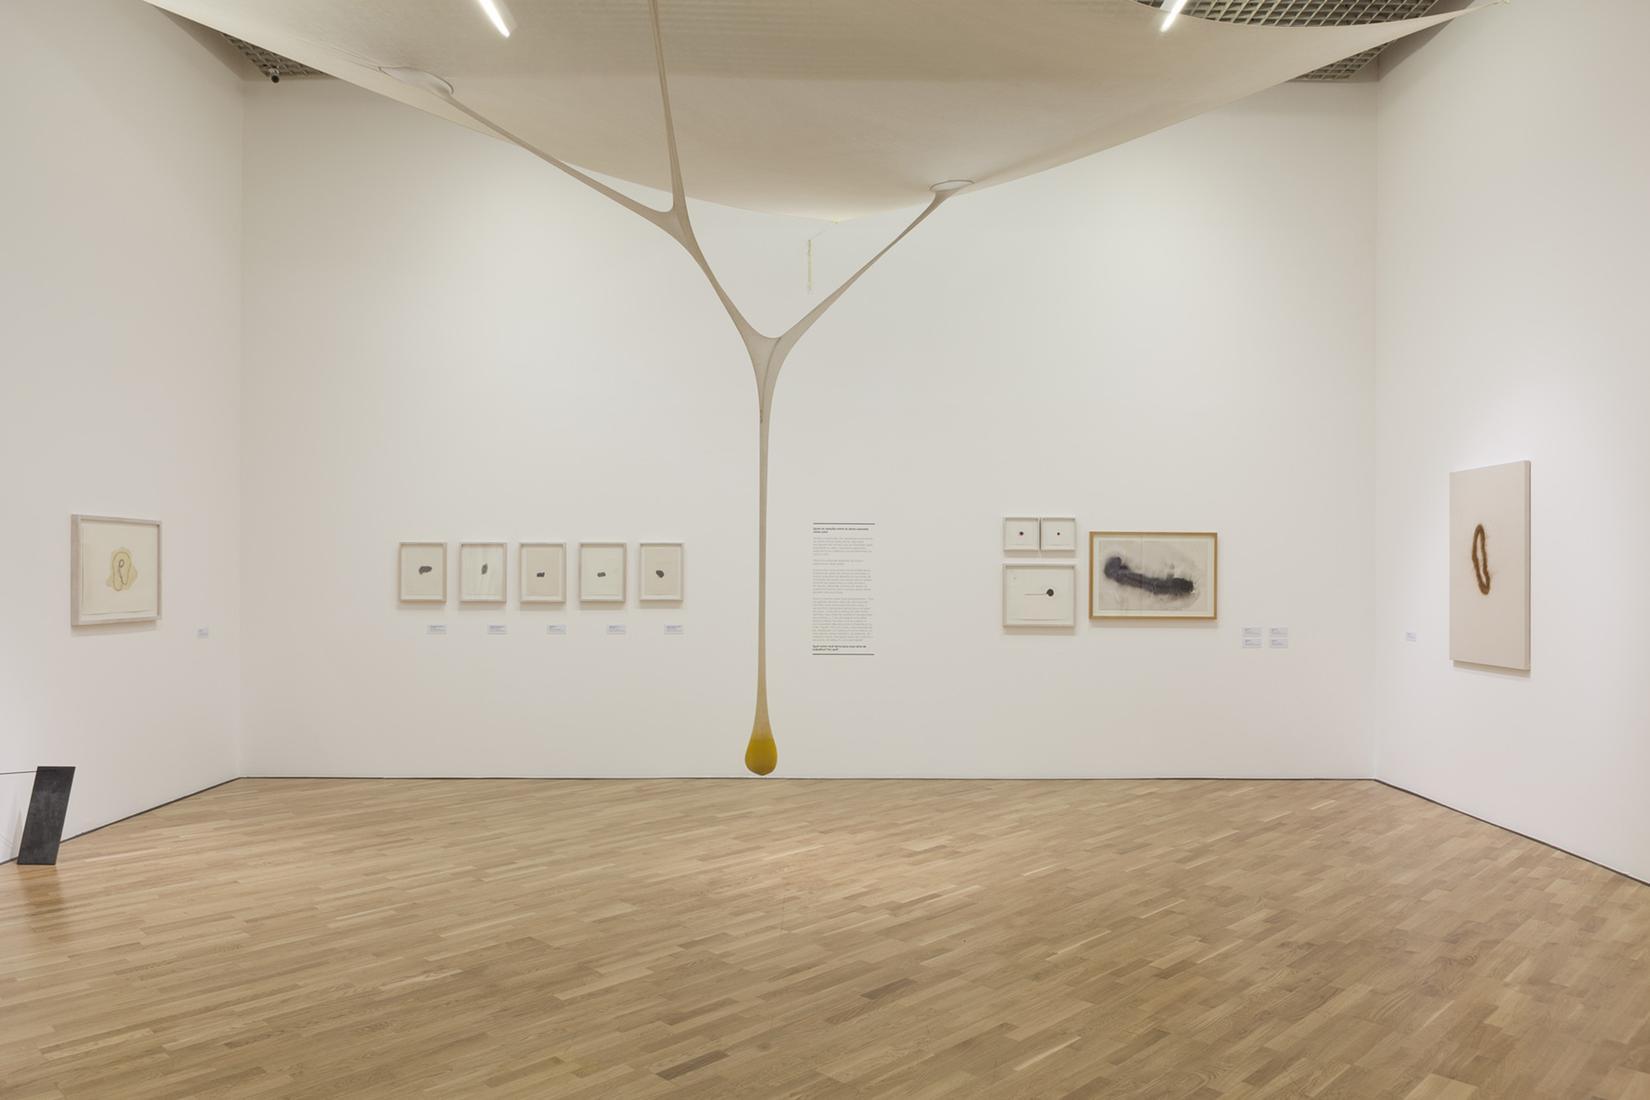 MARCH 30 — JULY 15, 2019 - PINACOTECA, SÃO PAULO - ERNESTO NETO: SOPRO (BLOW) -  - Exhibitions